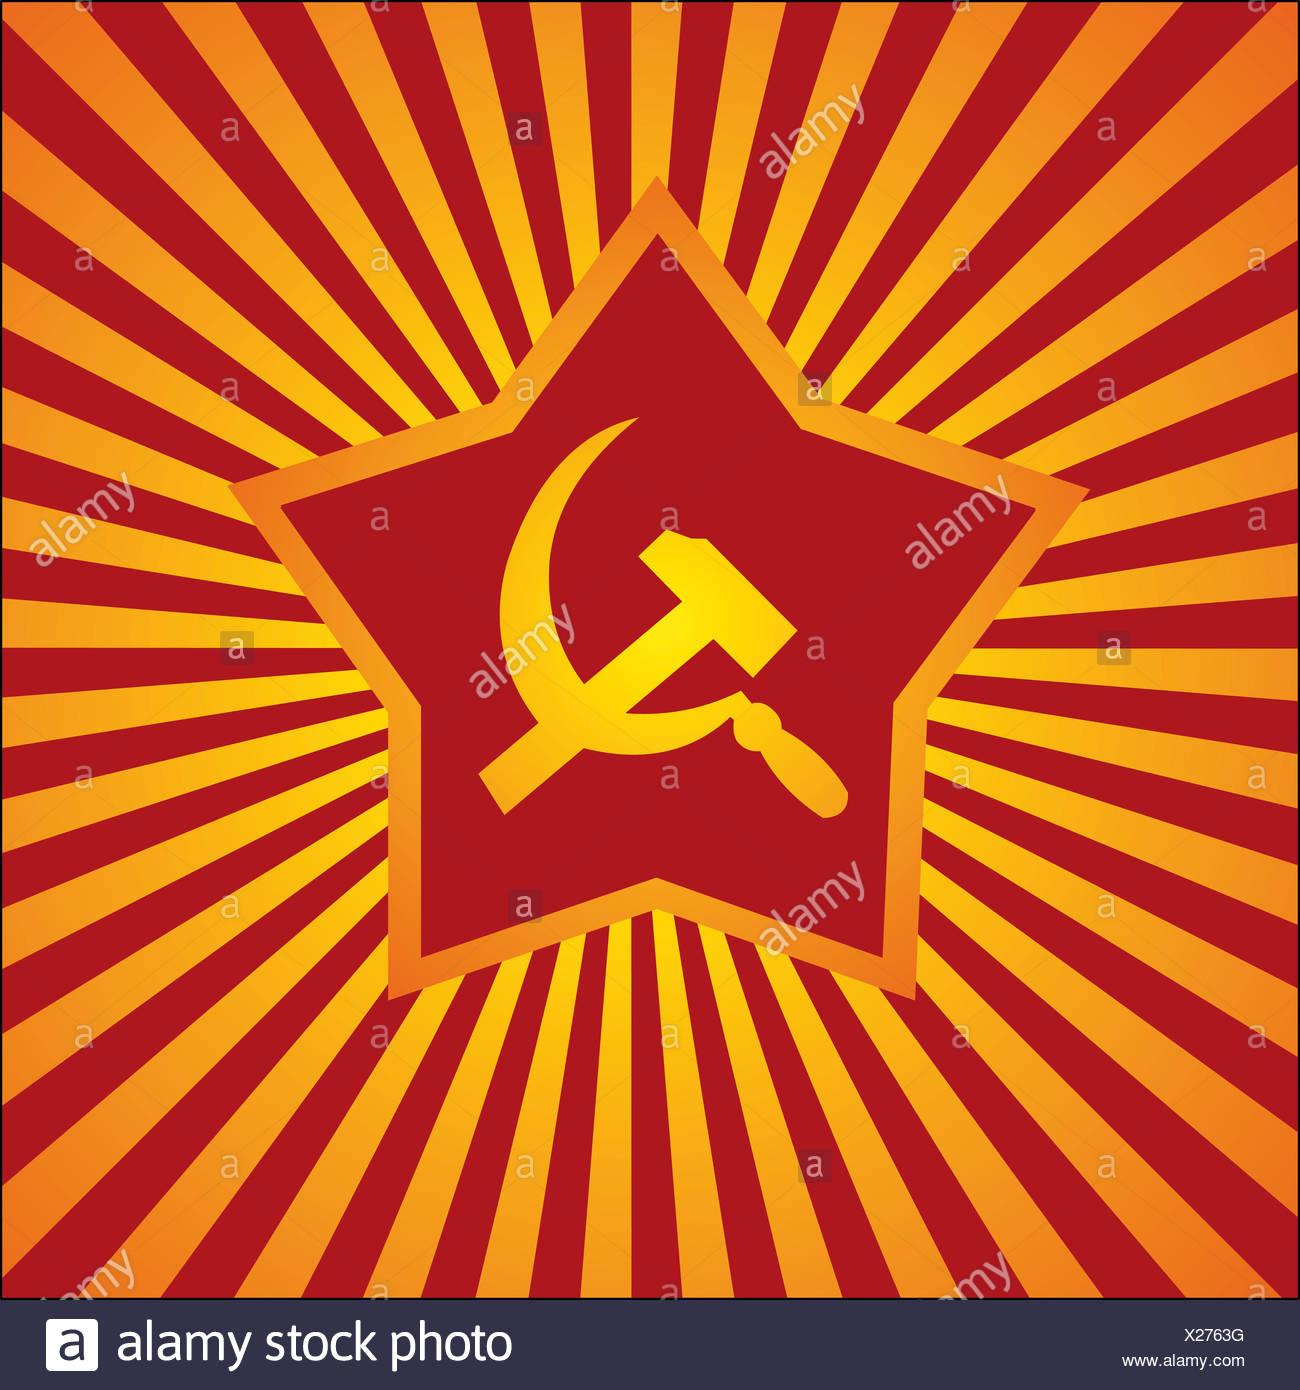 komunistischer background - Stock Image